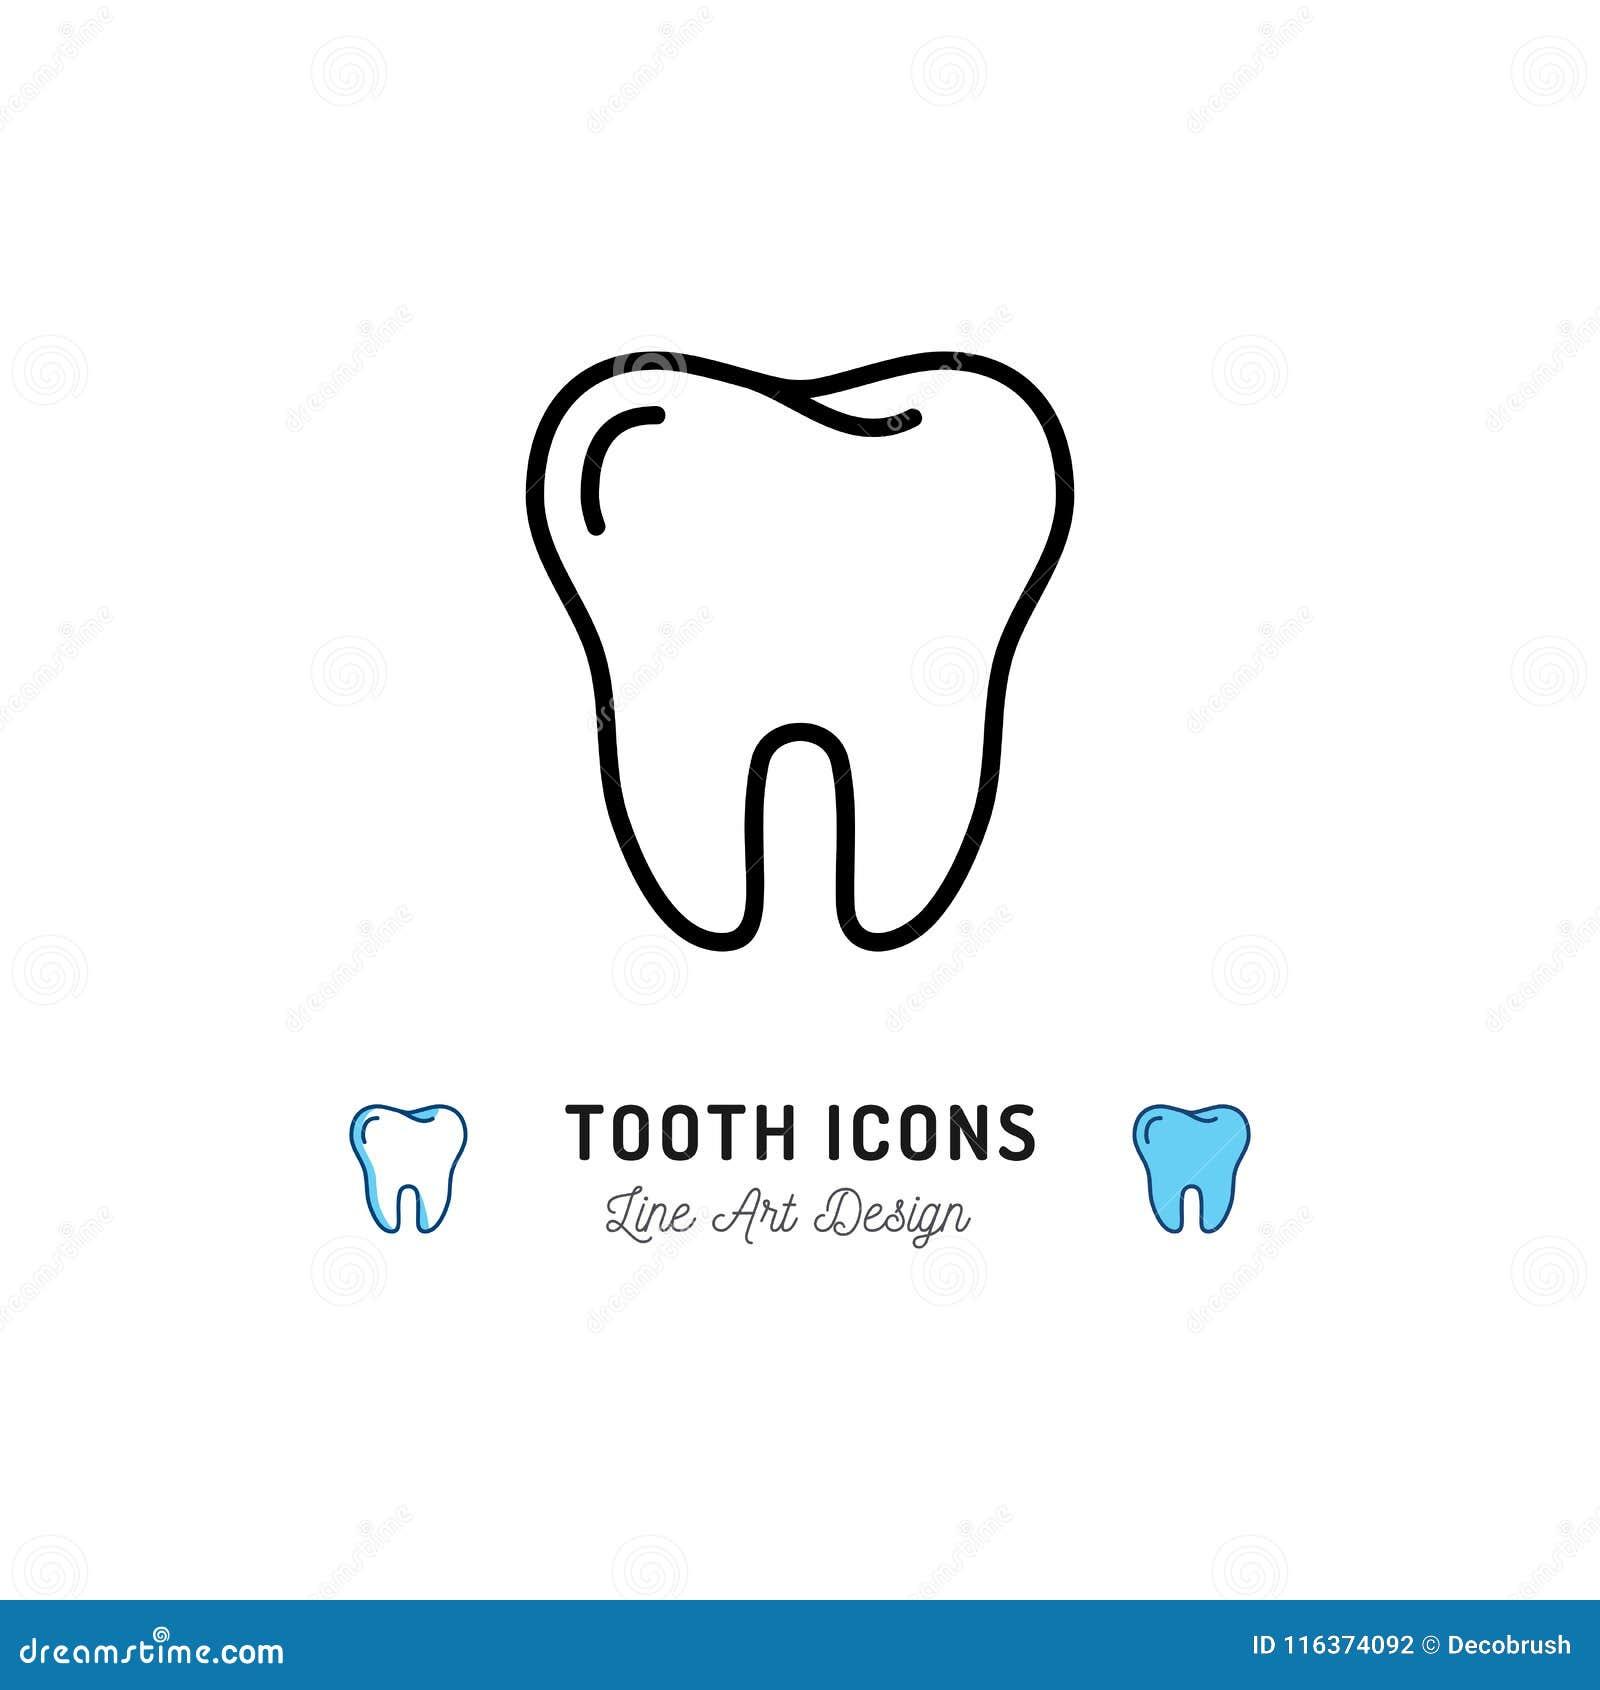 Icona del dente, segno dei denti Logo di cure odontoiatriche, linea dentaria icona della clinica Illustrazione di vettore